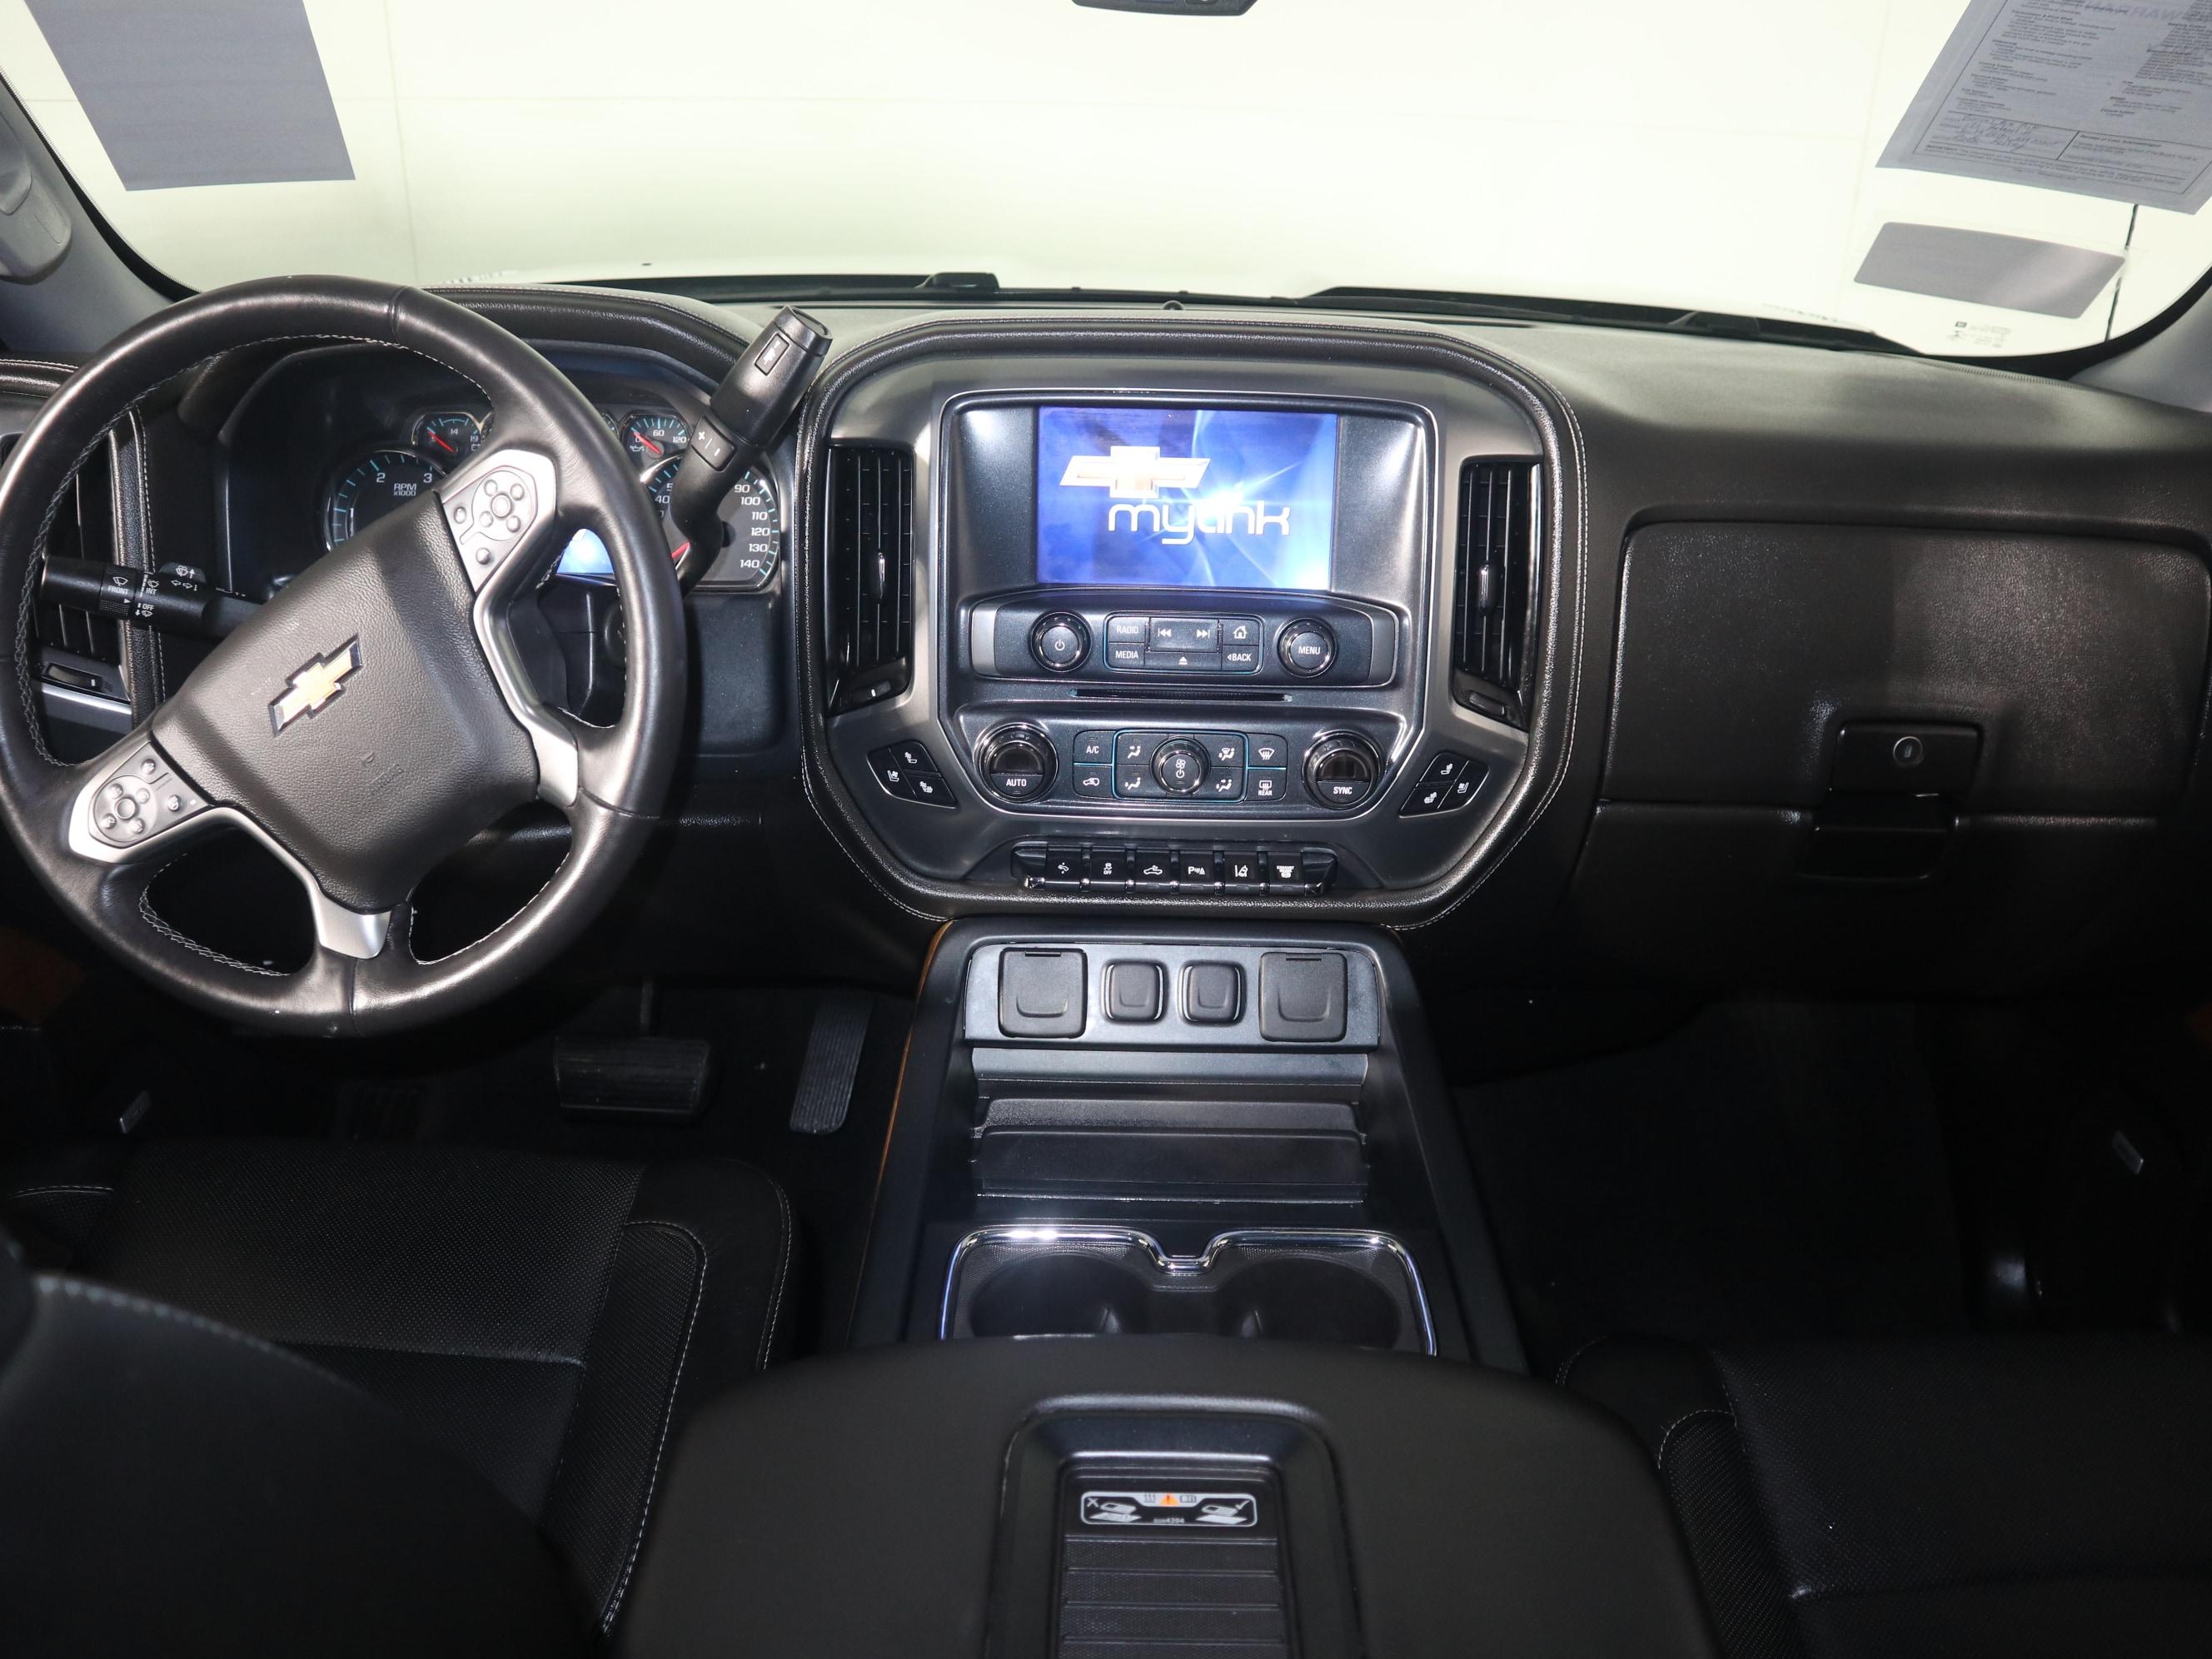 2016 Chevrolet Silverado 2500HD - Fair Car Ownership